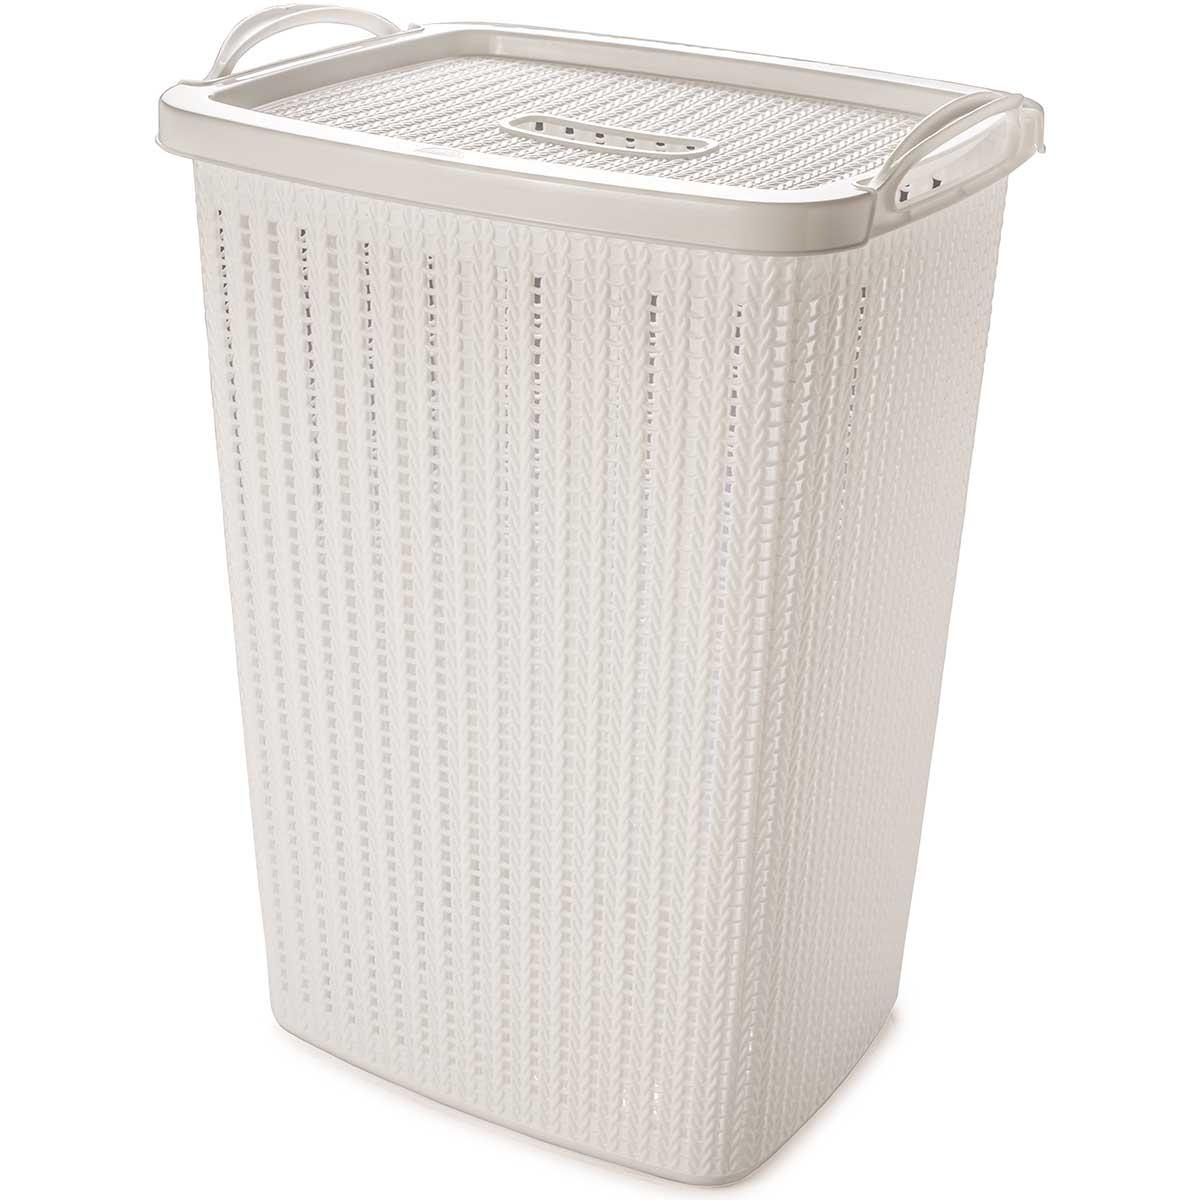 Cesto de roupa 40 litros com tampa e alça Trama Branco